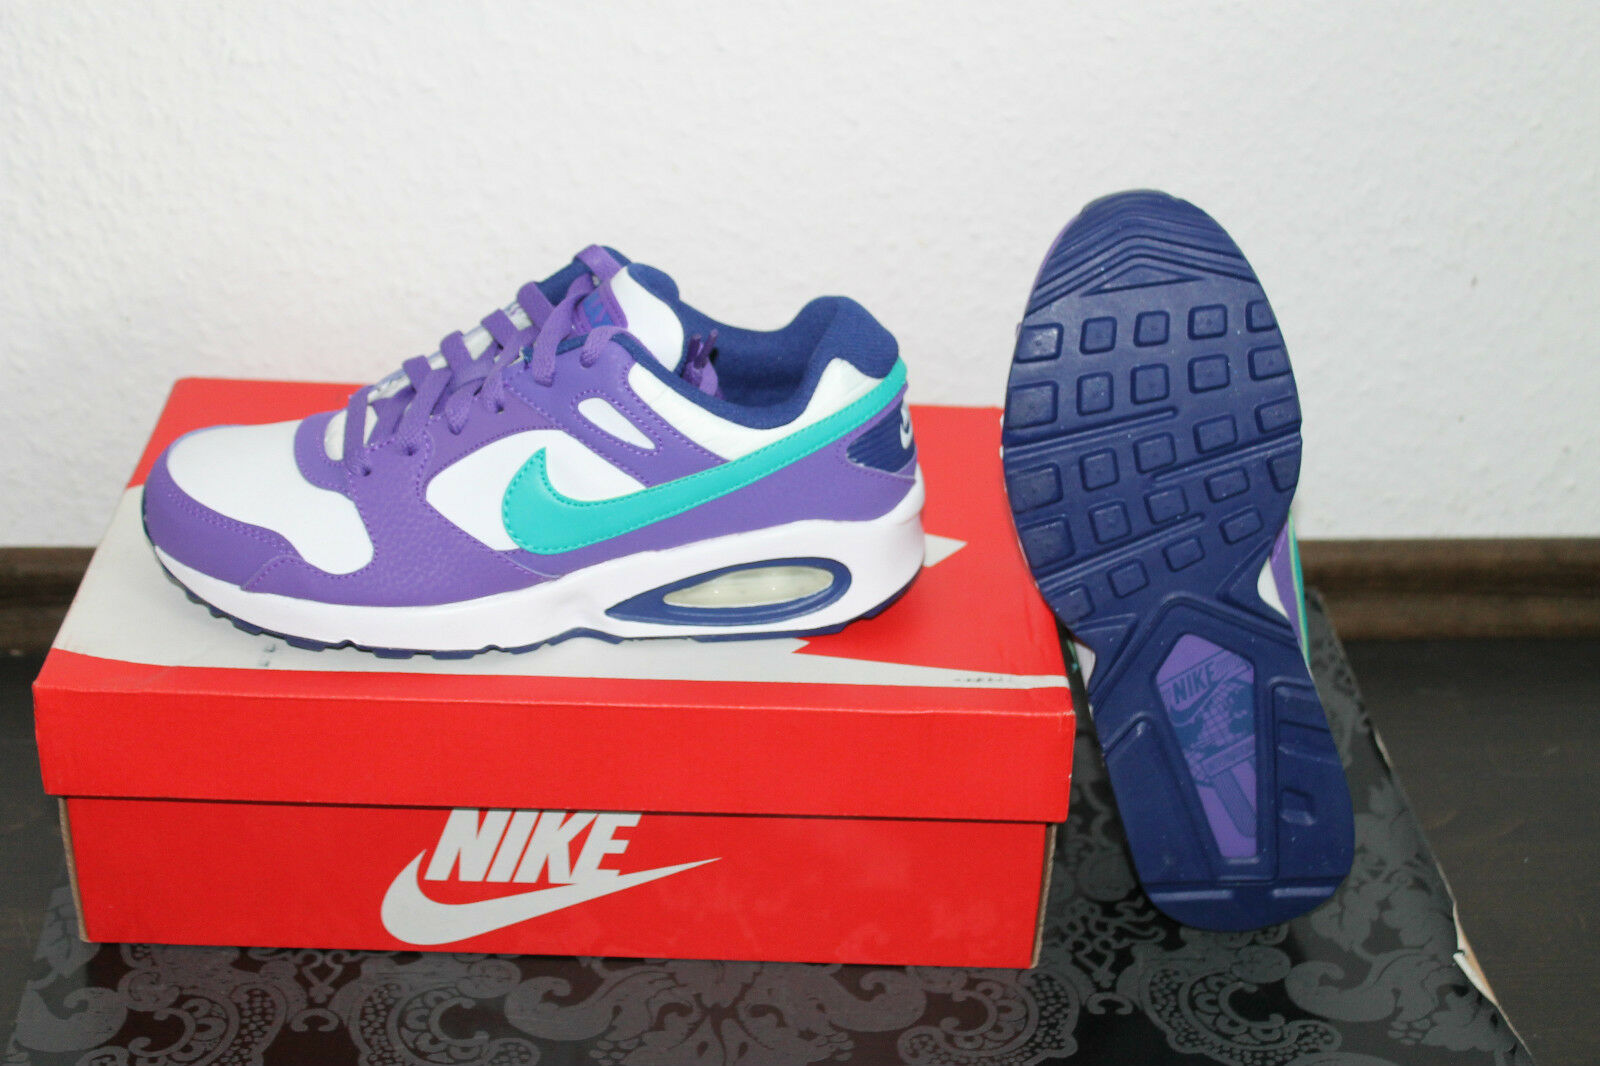 NIKE AIR MAX COLISEUM Chaussures de course blanc  ou violet bleu taille 36,5 ou  38,5 e8fe75